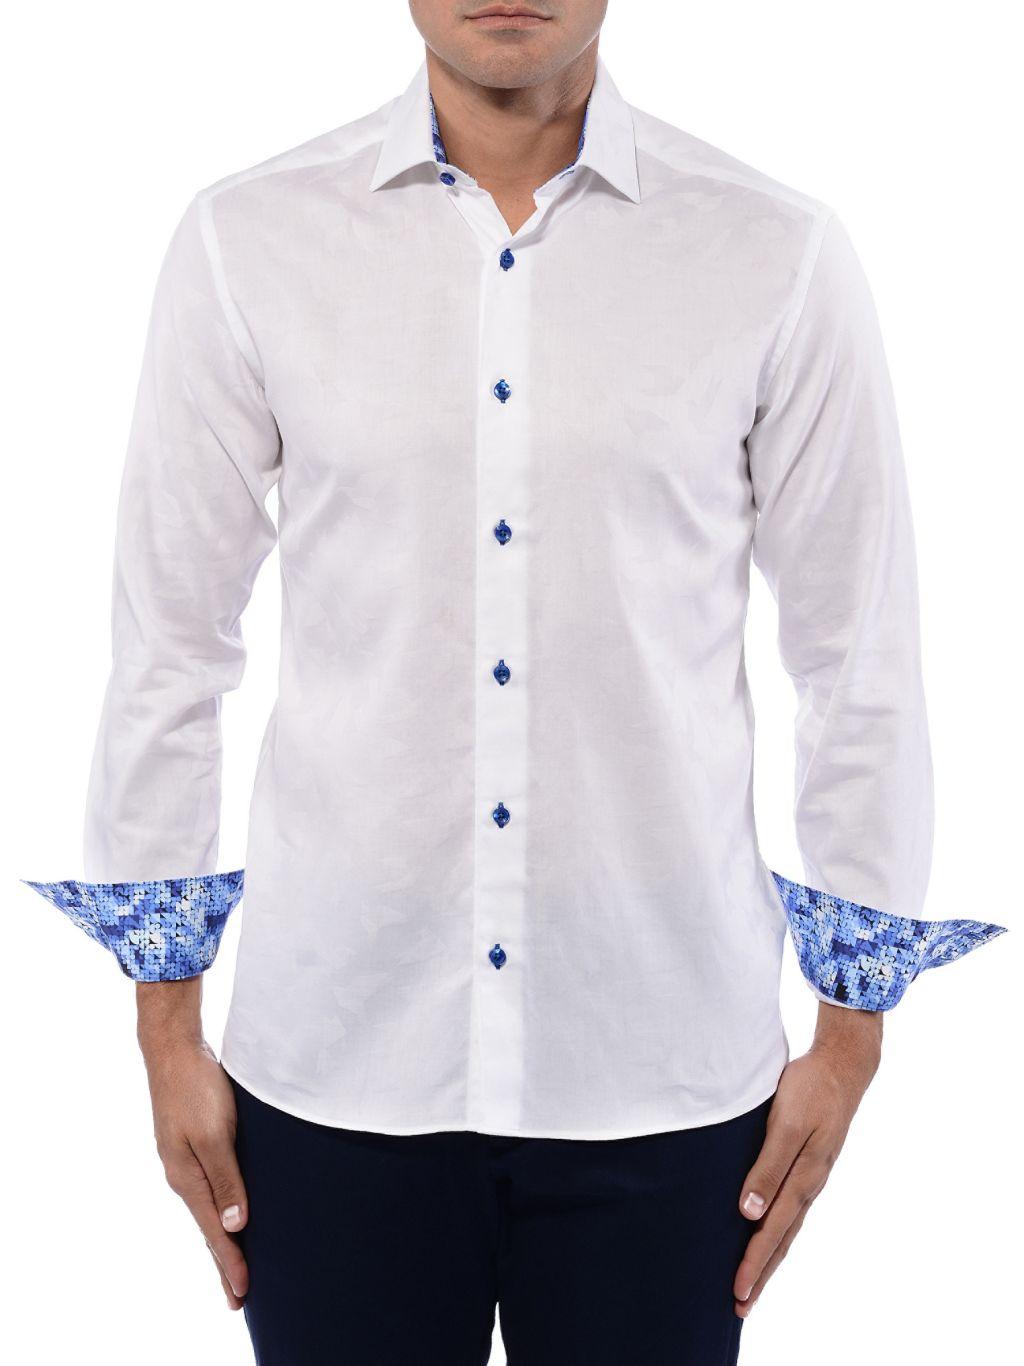 Bertigo Contrast-Cuff Shirt